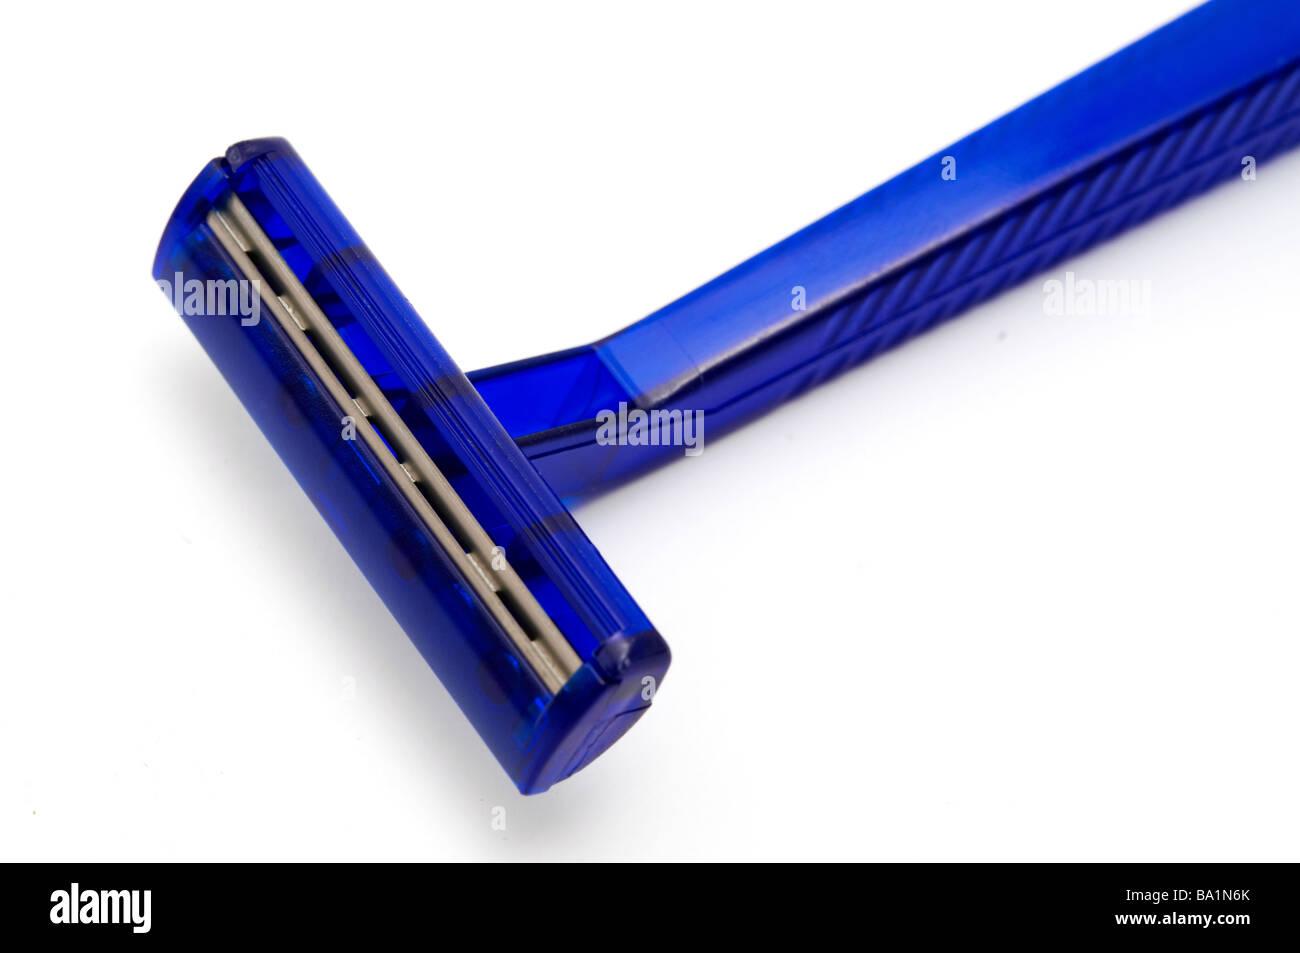 Blue Razor on a white background - Stock Image